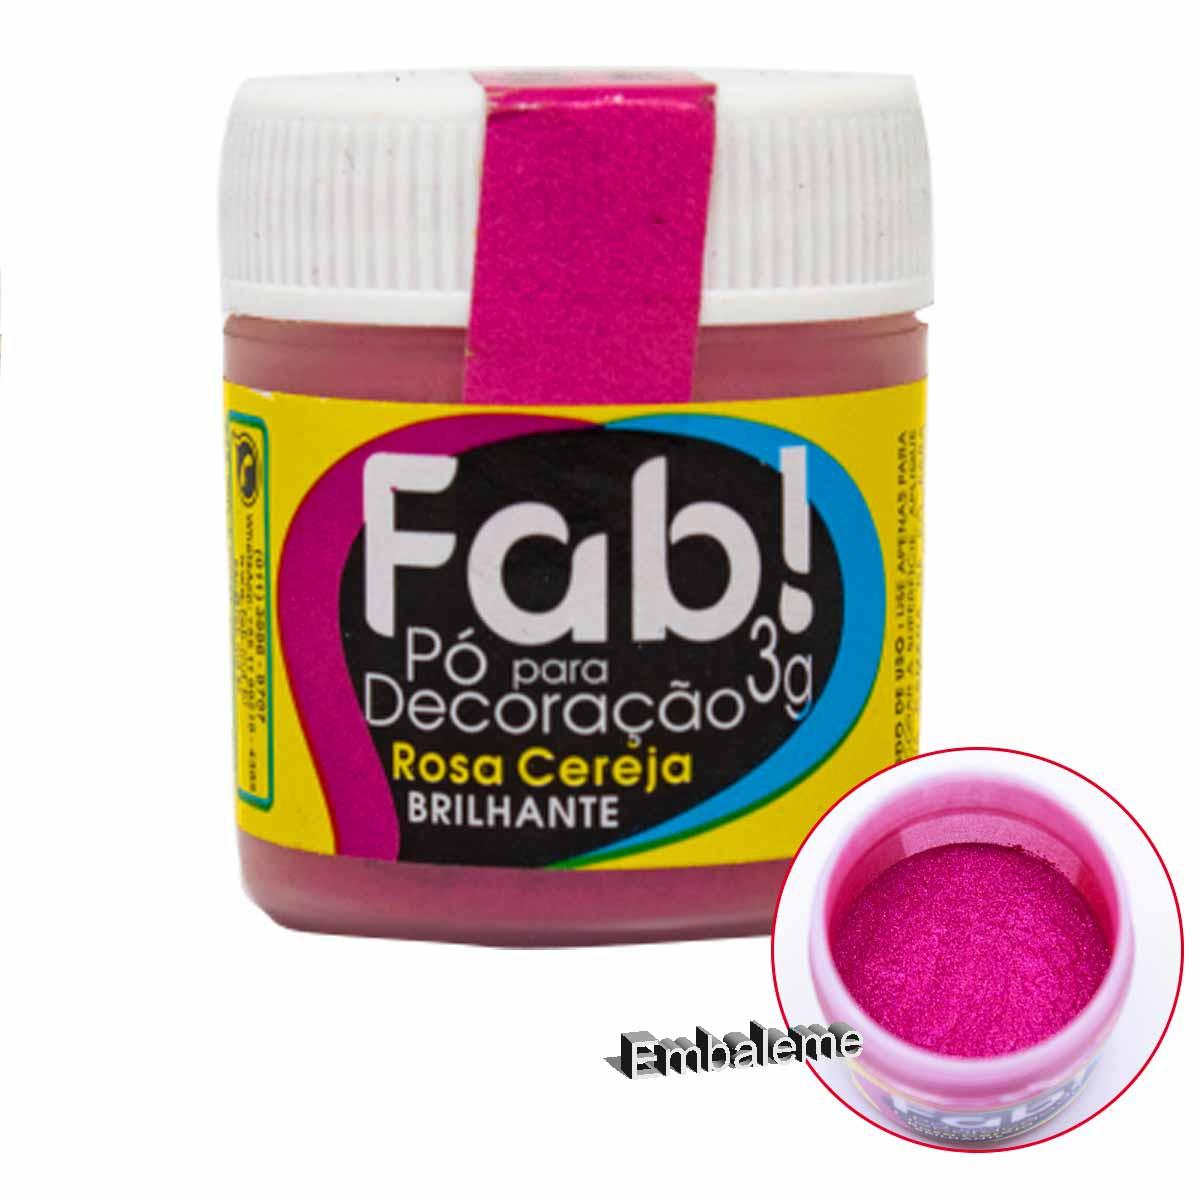 Pó para Decoração Rosa Cereja 3g FAB